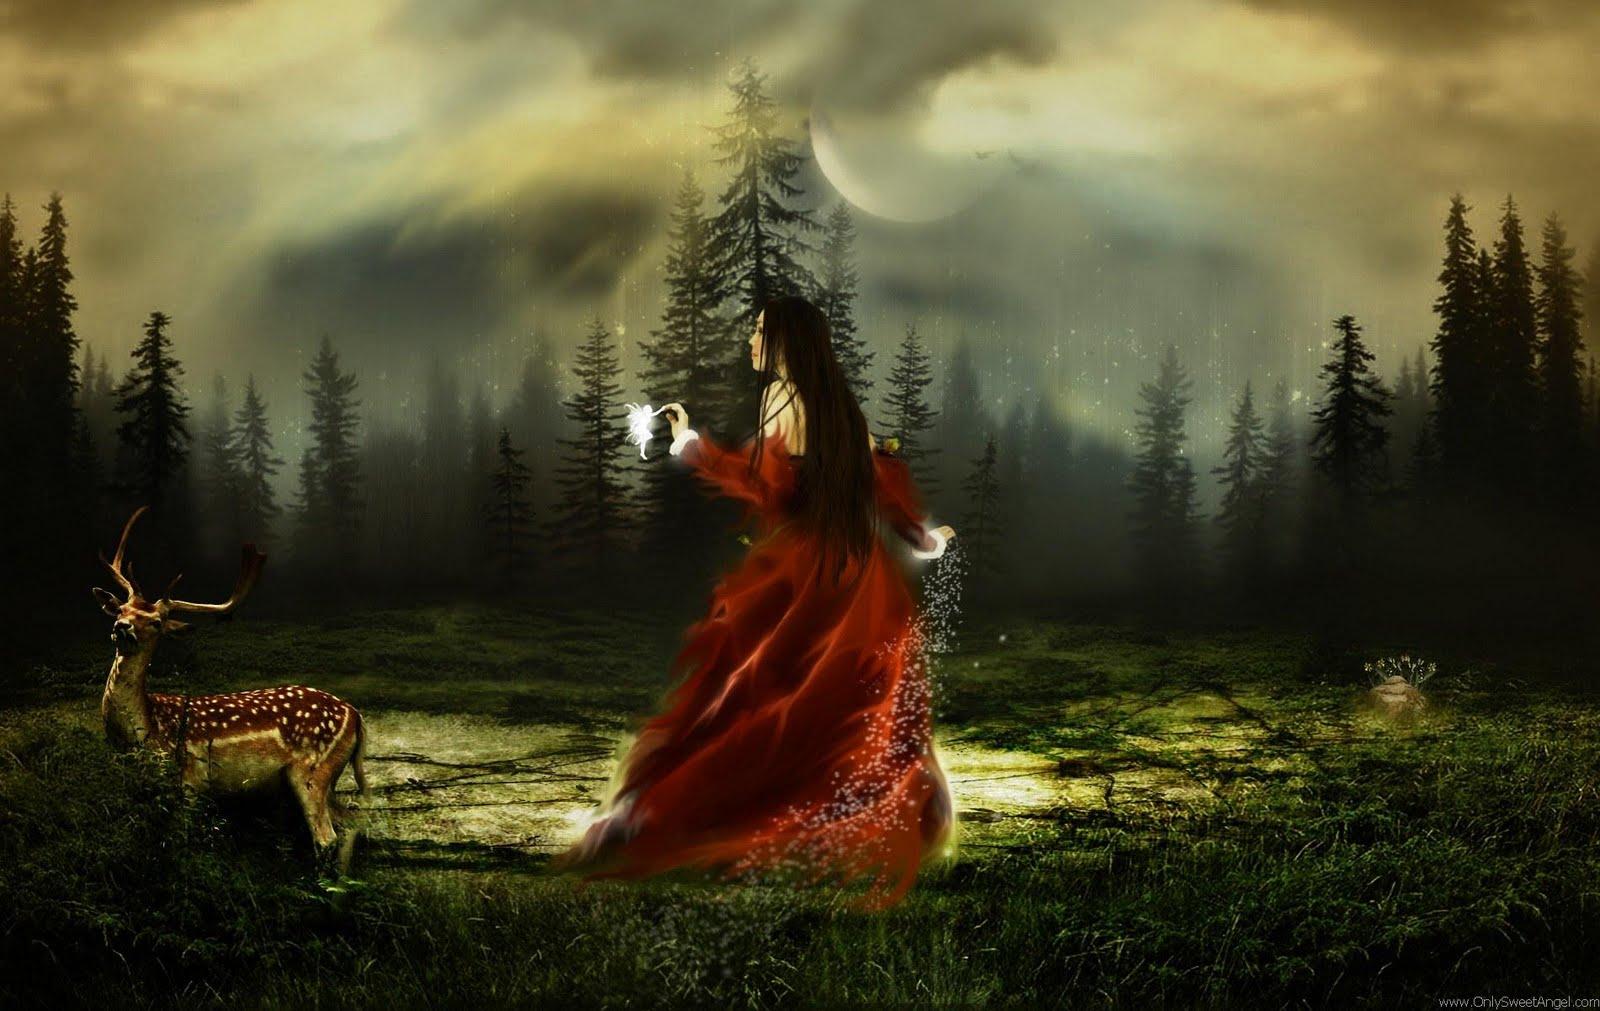 http://1.bp.blogspot.com/-kig1yztKrpk/UT2qt0FQ1DI/AAAAAAAAK4g/rmQHJwc9ZVs/s1600/beautiful_fantasy_girl_wallpaper_14.jpg